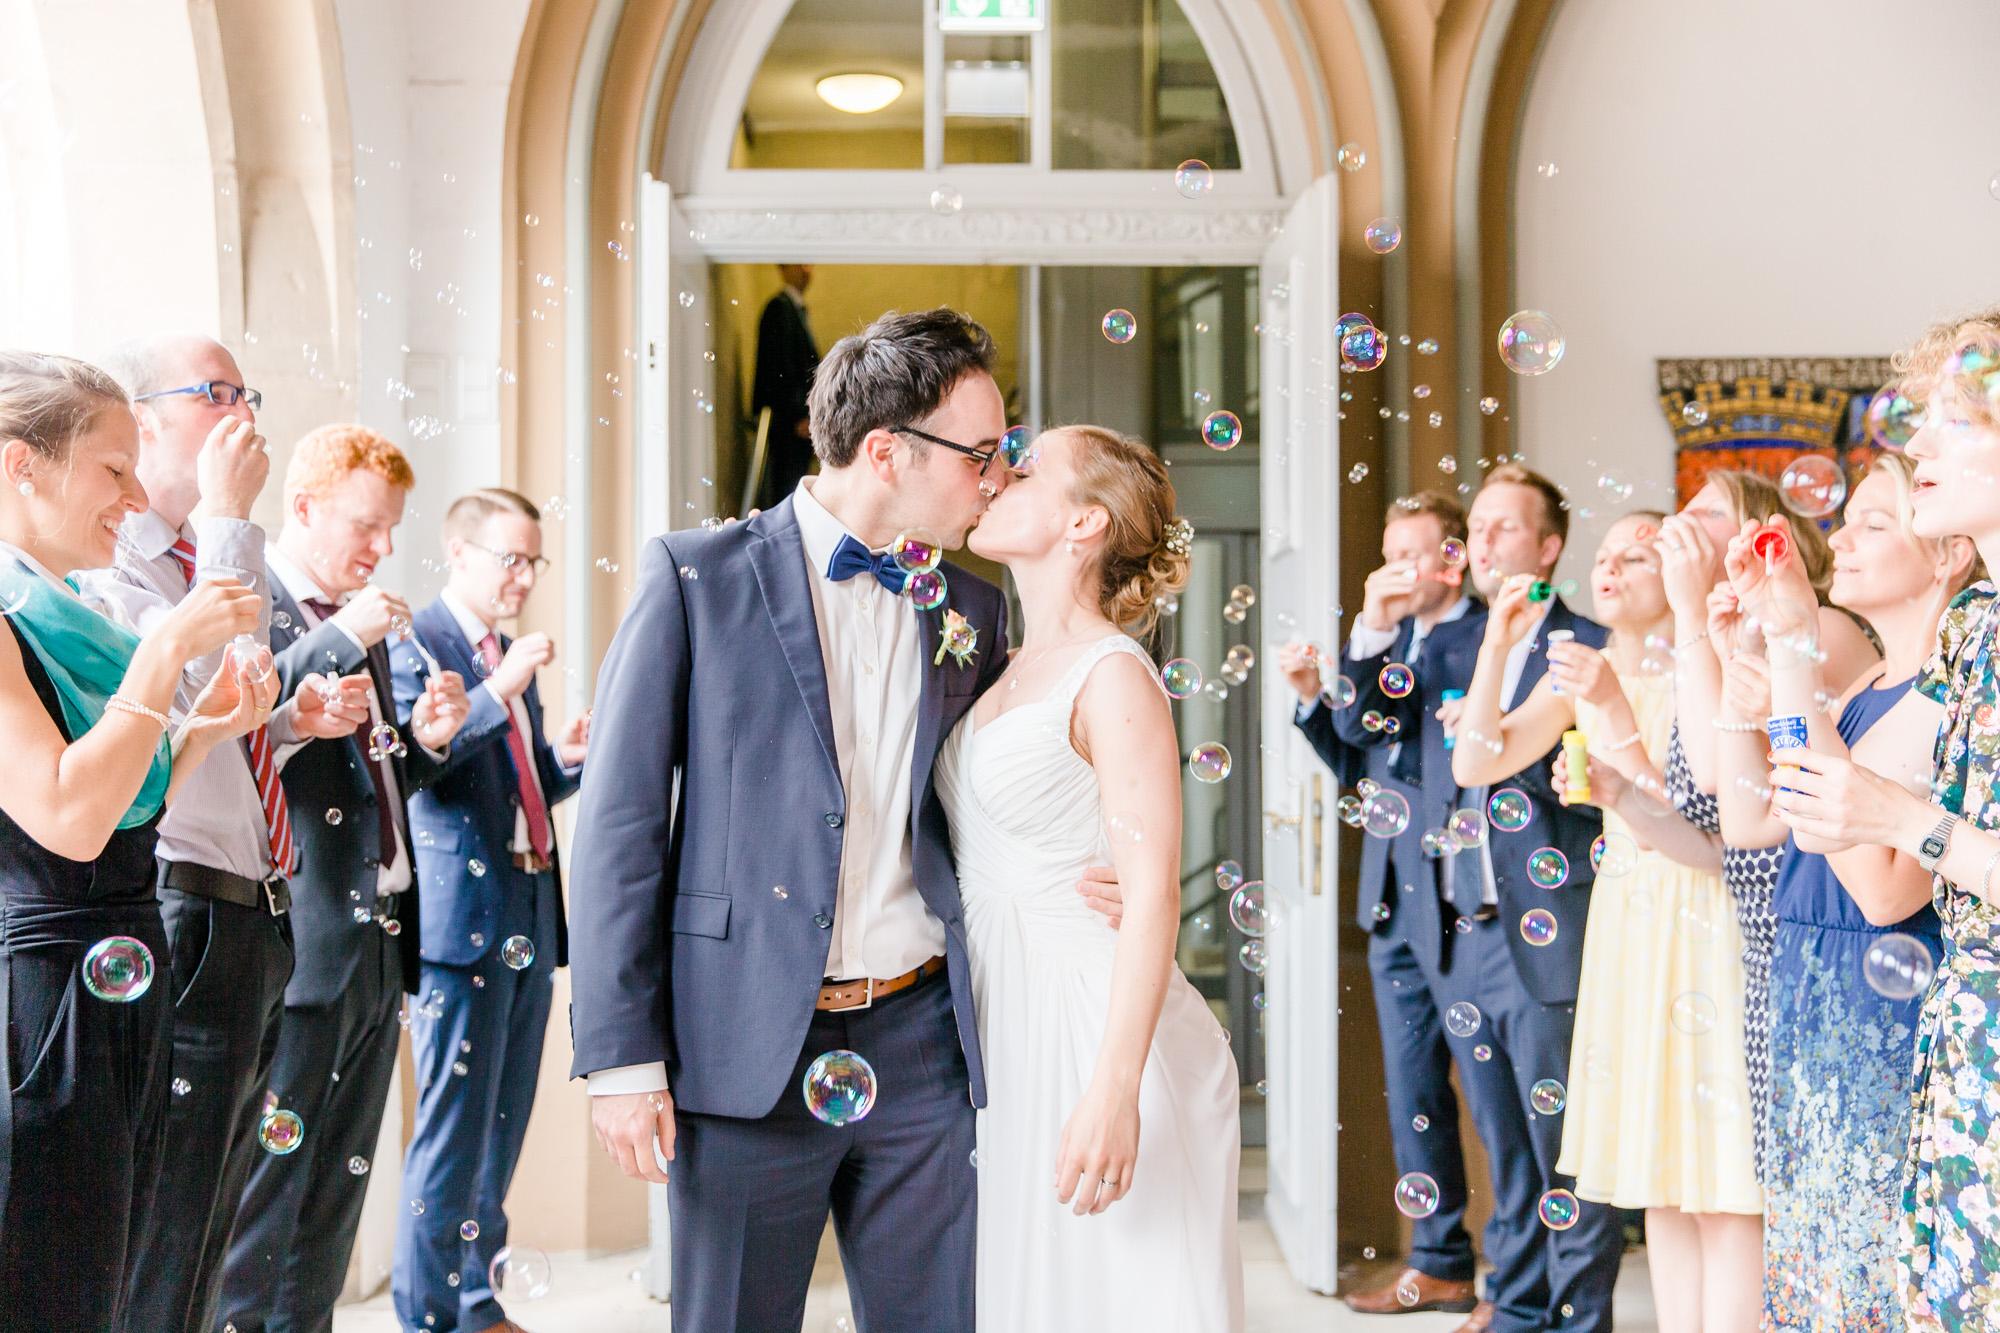 Svenja und Ben Fotografie Hochzeitsfotos Hochzeitsfotograf Duderstadt